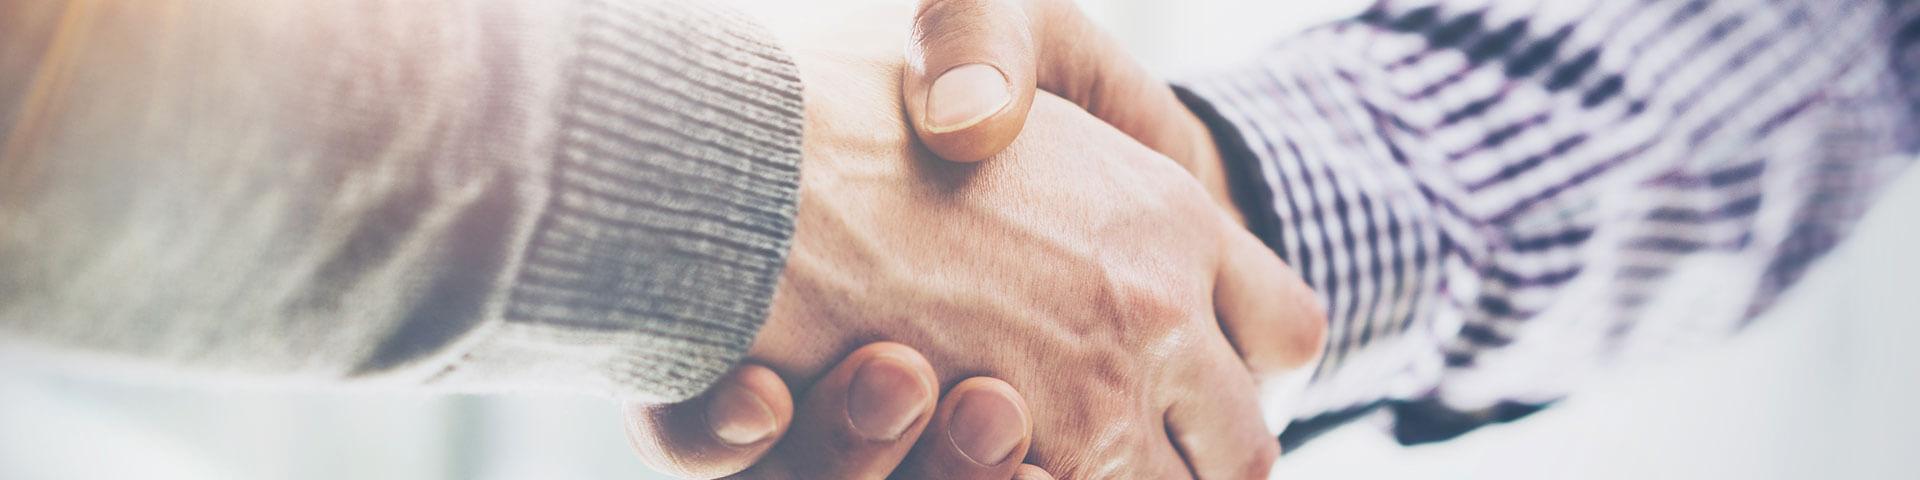 Nahaufnahme eines Handschlag zwischen 2 Menschen